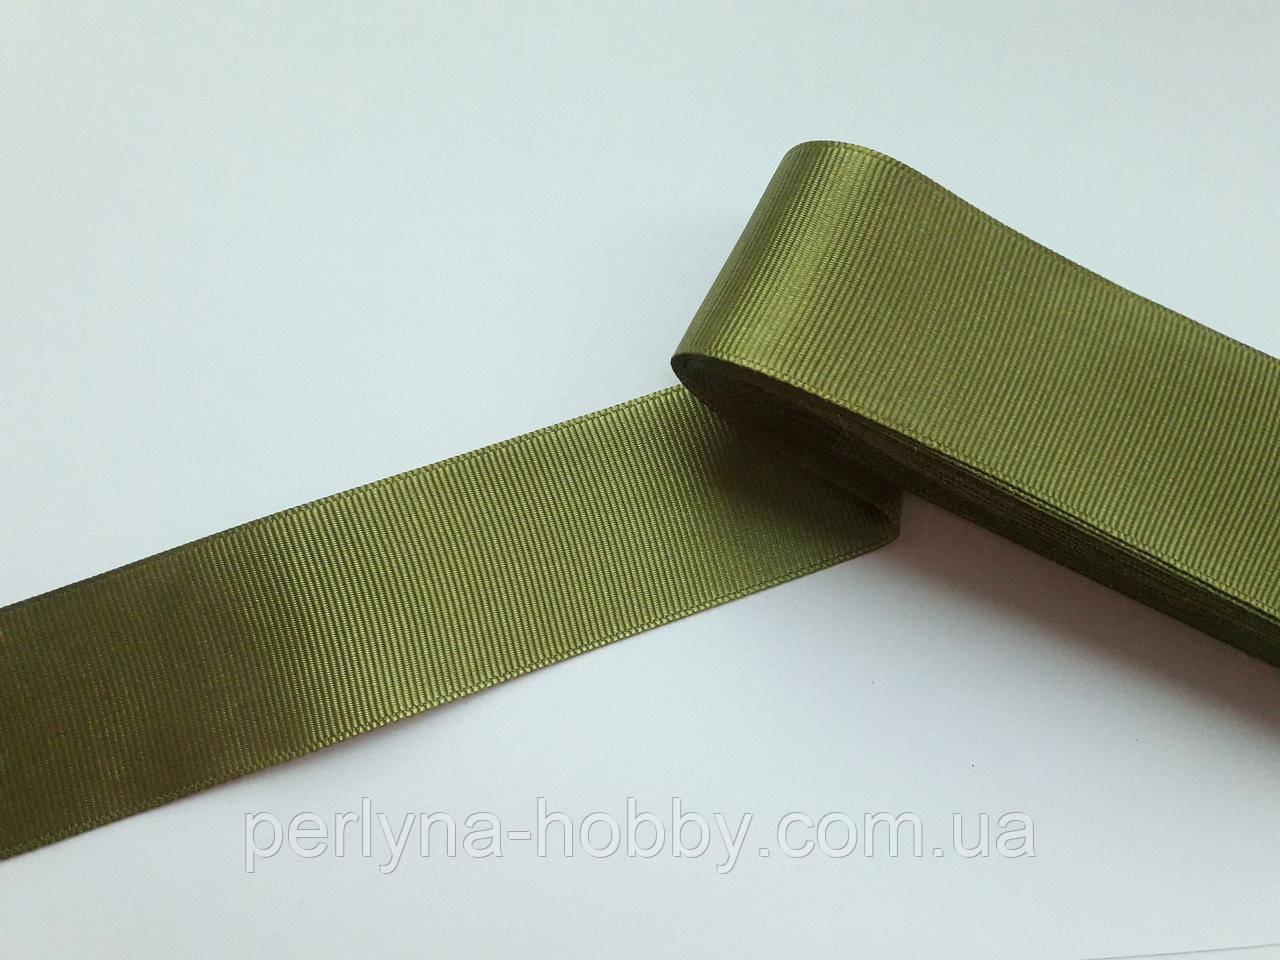 Тесьма лента репсовая широкая Стрічка репсова  4 см 40 мм, оливкова, хакі світла № 73. Туреччина